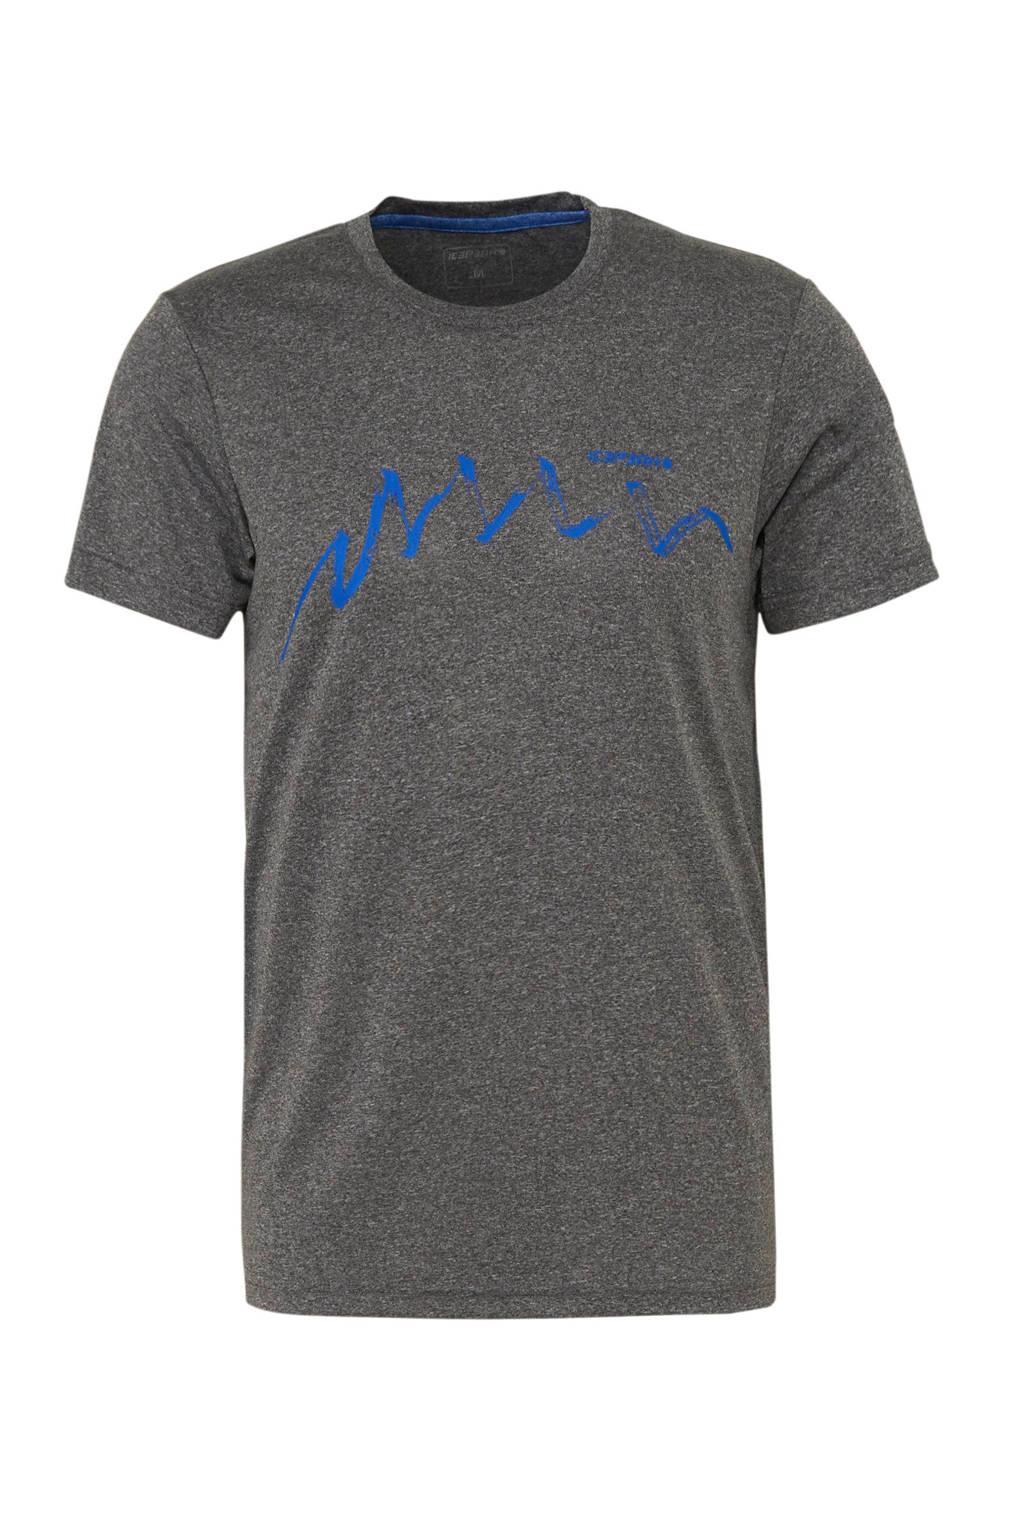 Icepeak outdoor T-shirt Saif grijs, Grijs melange